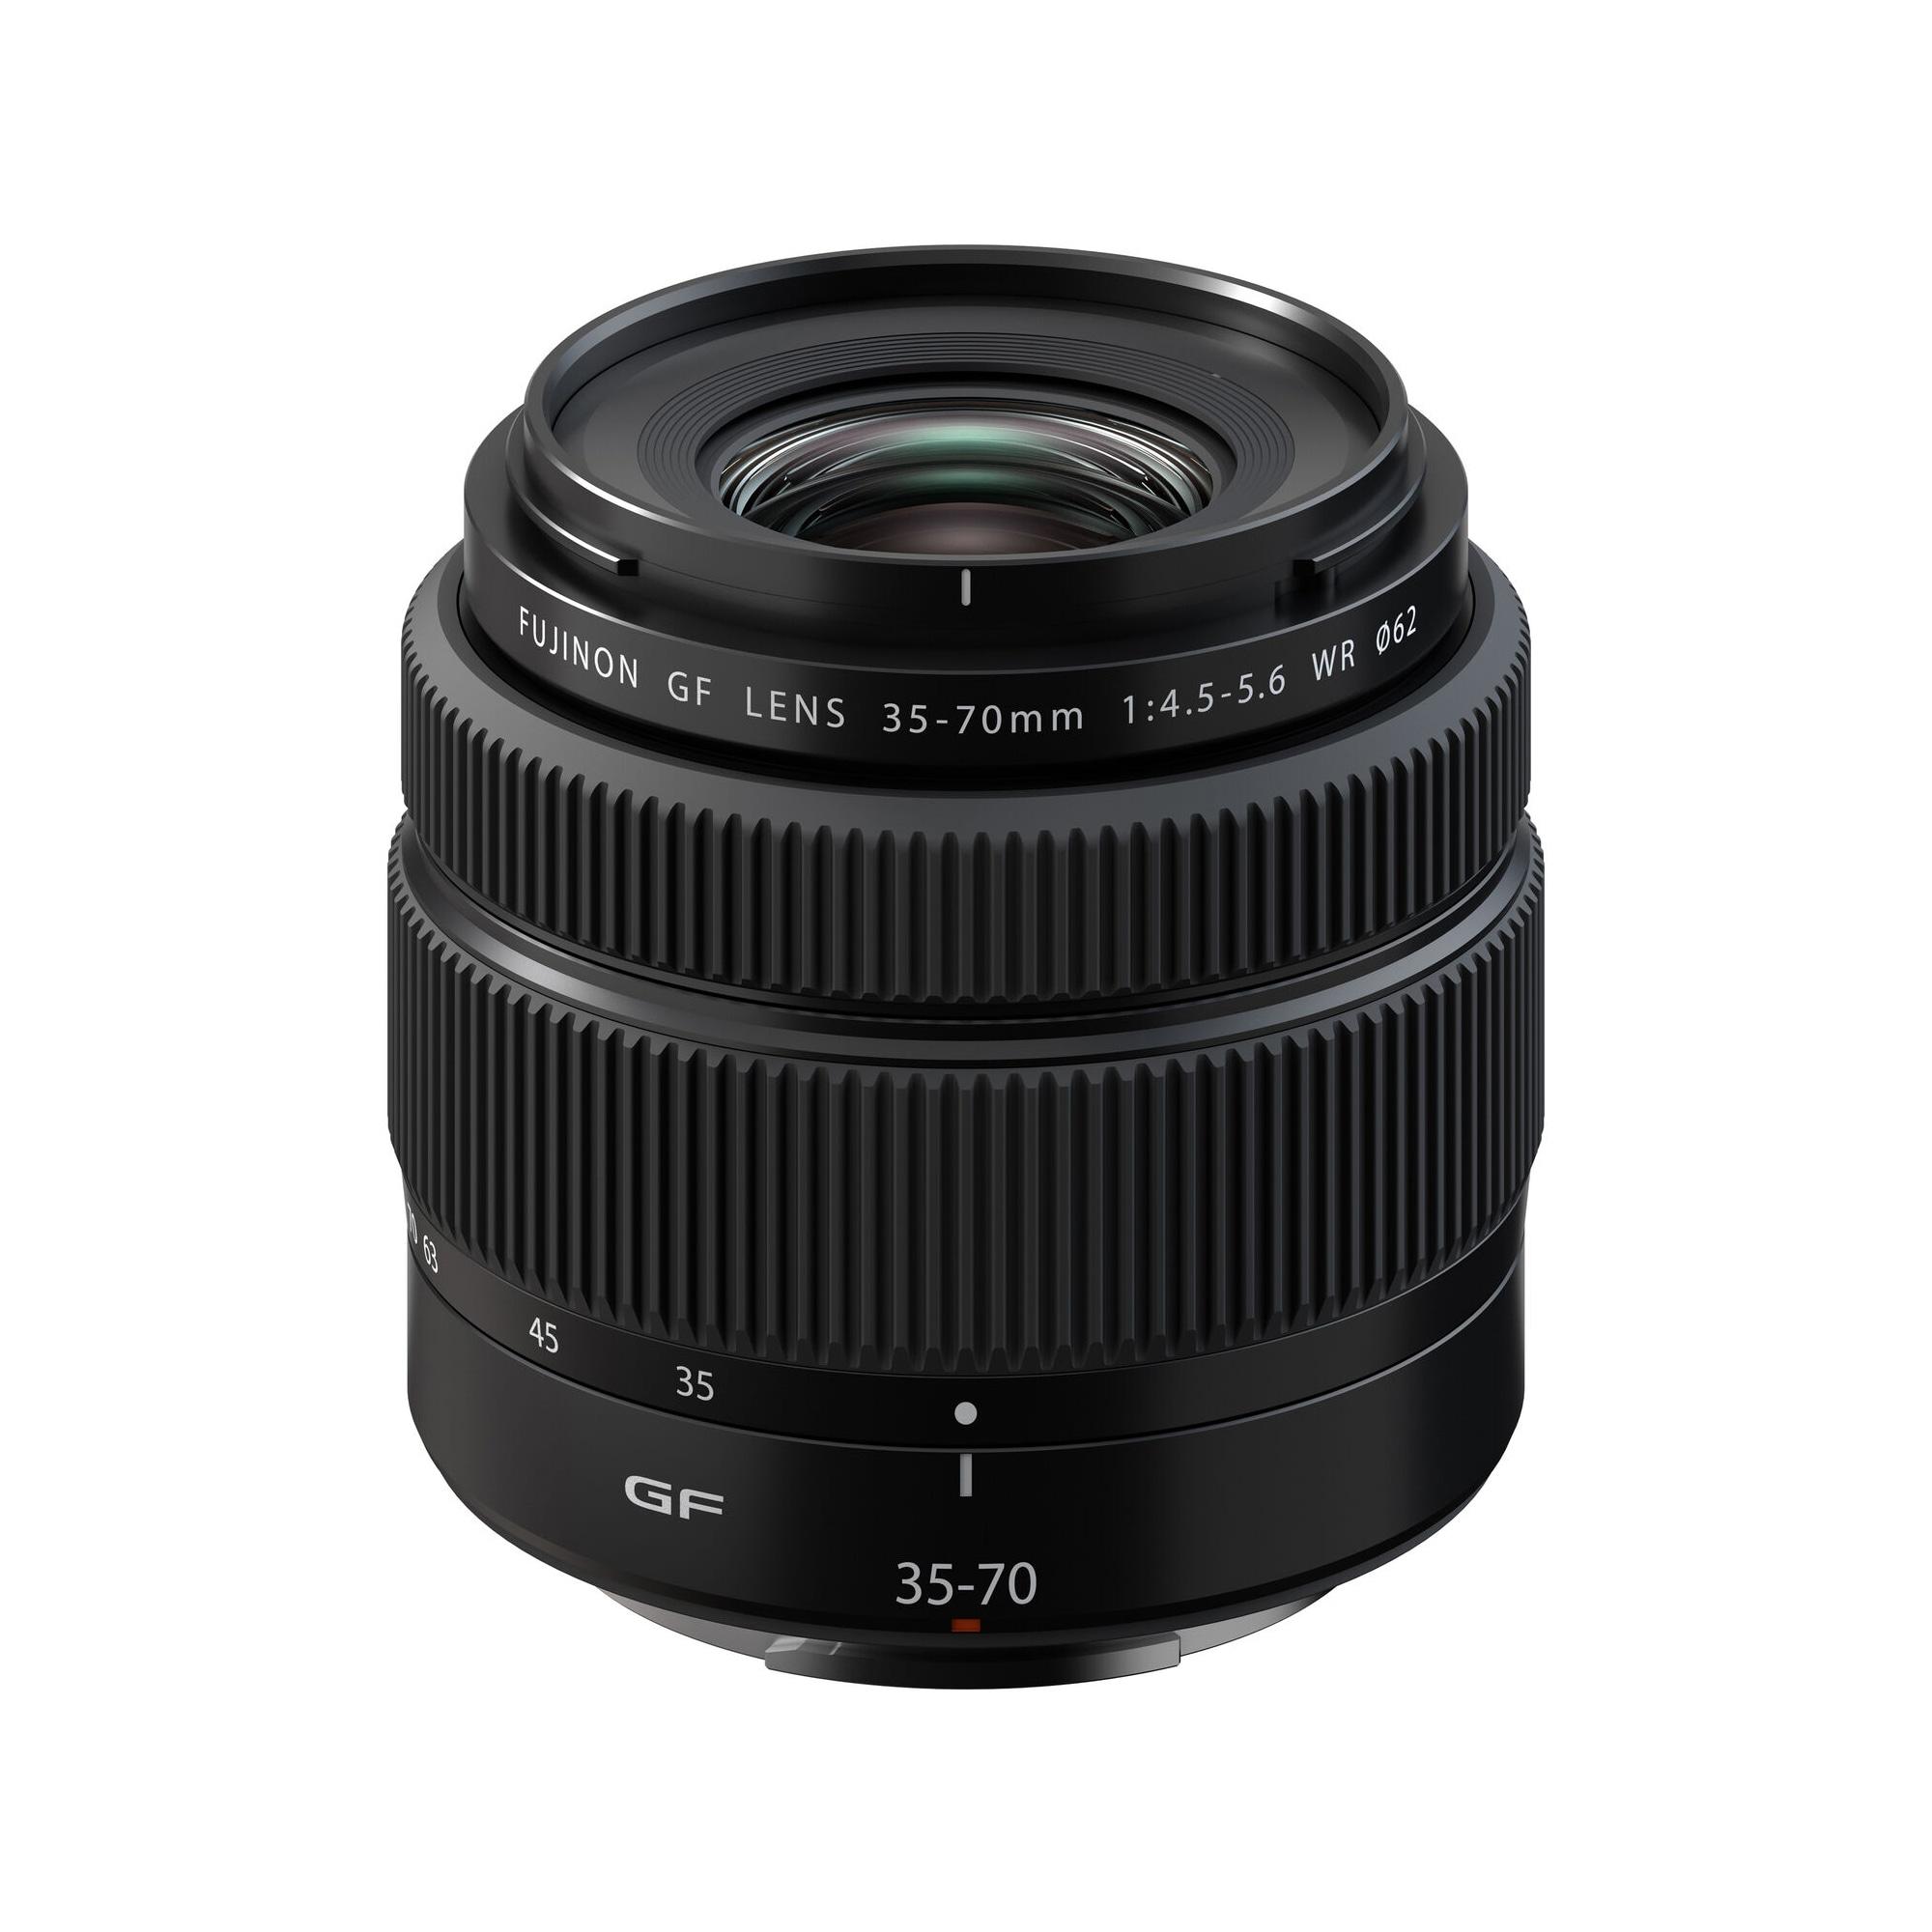 Fujifilm GF 35-70mm/4.5-5.6 WR